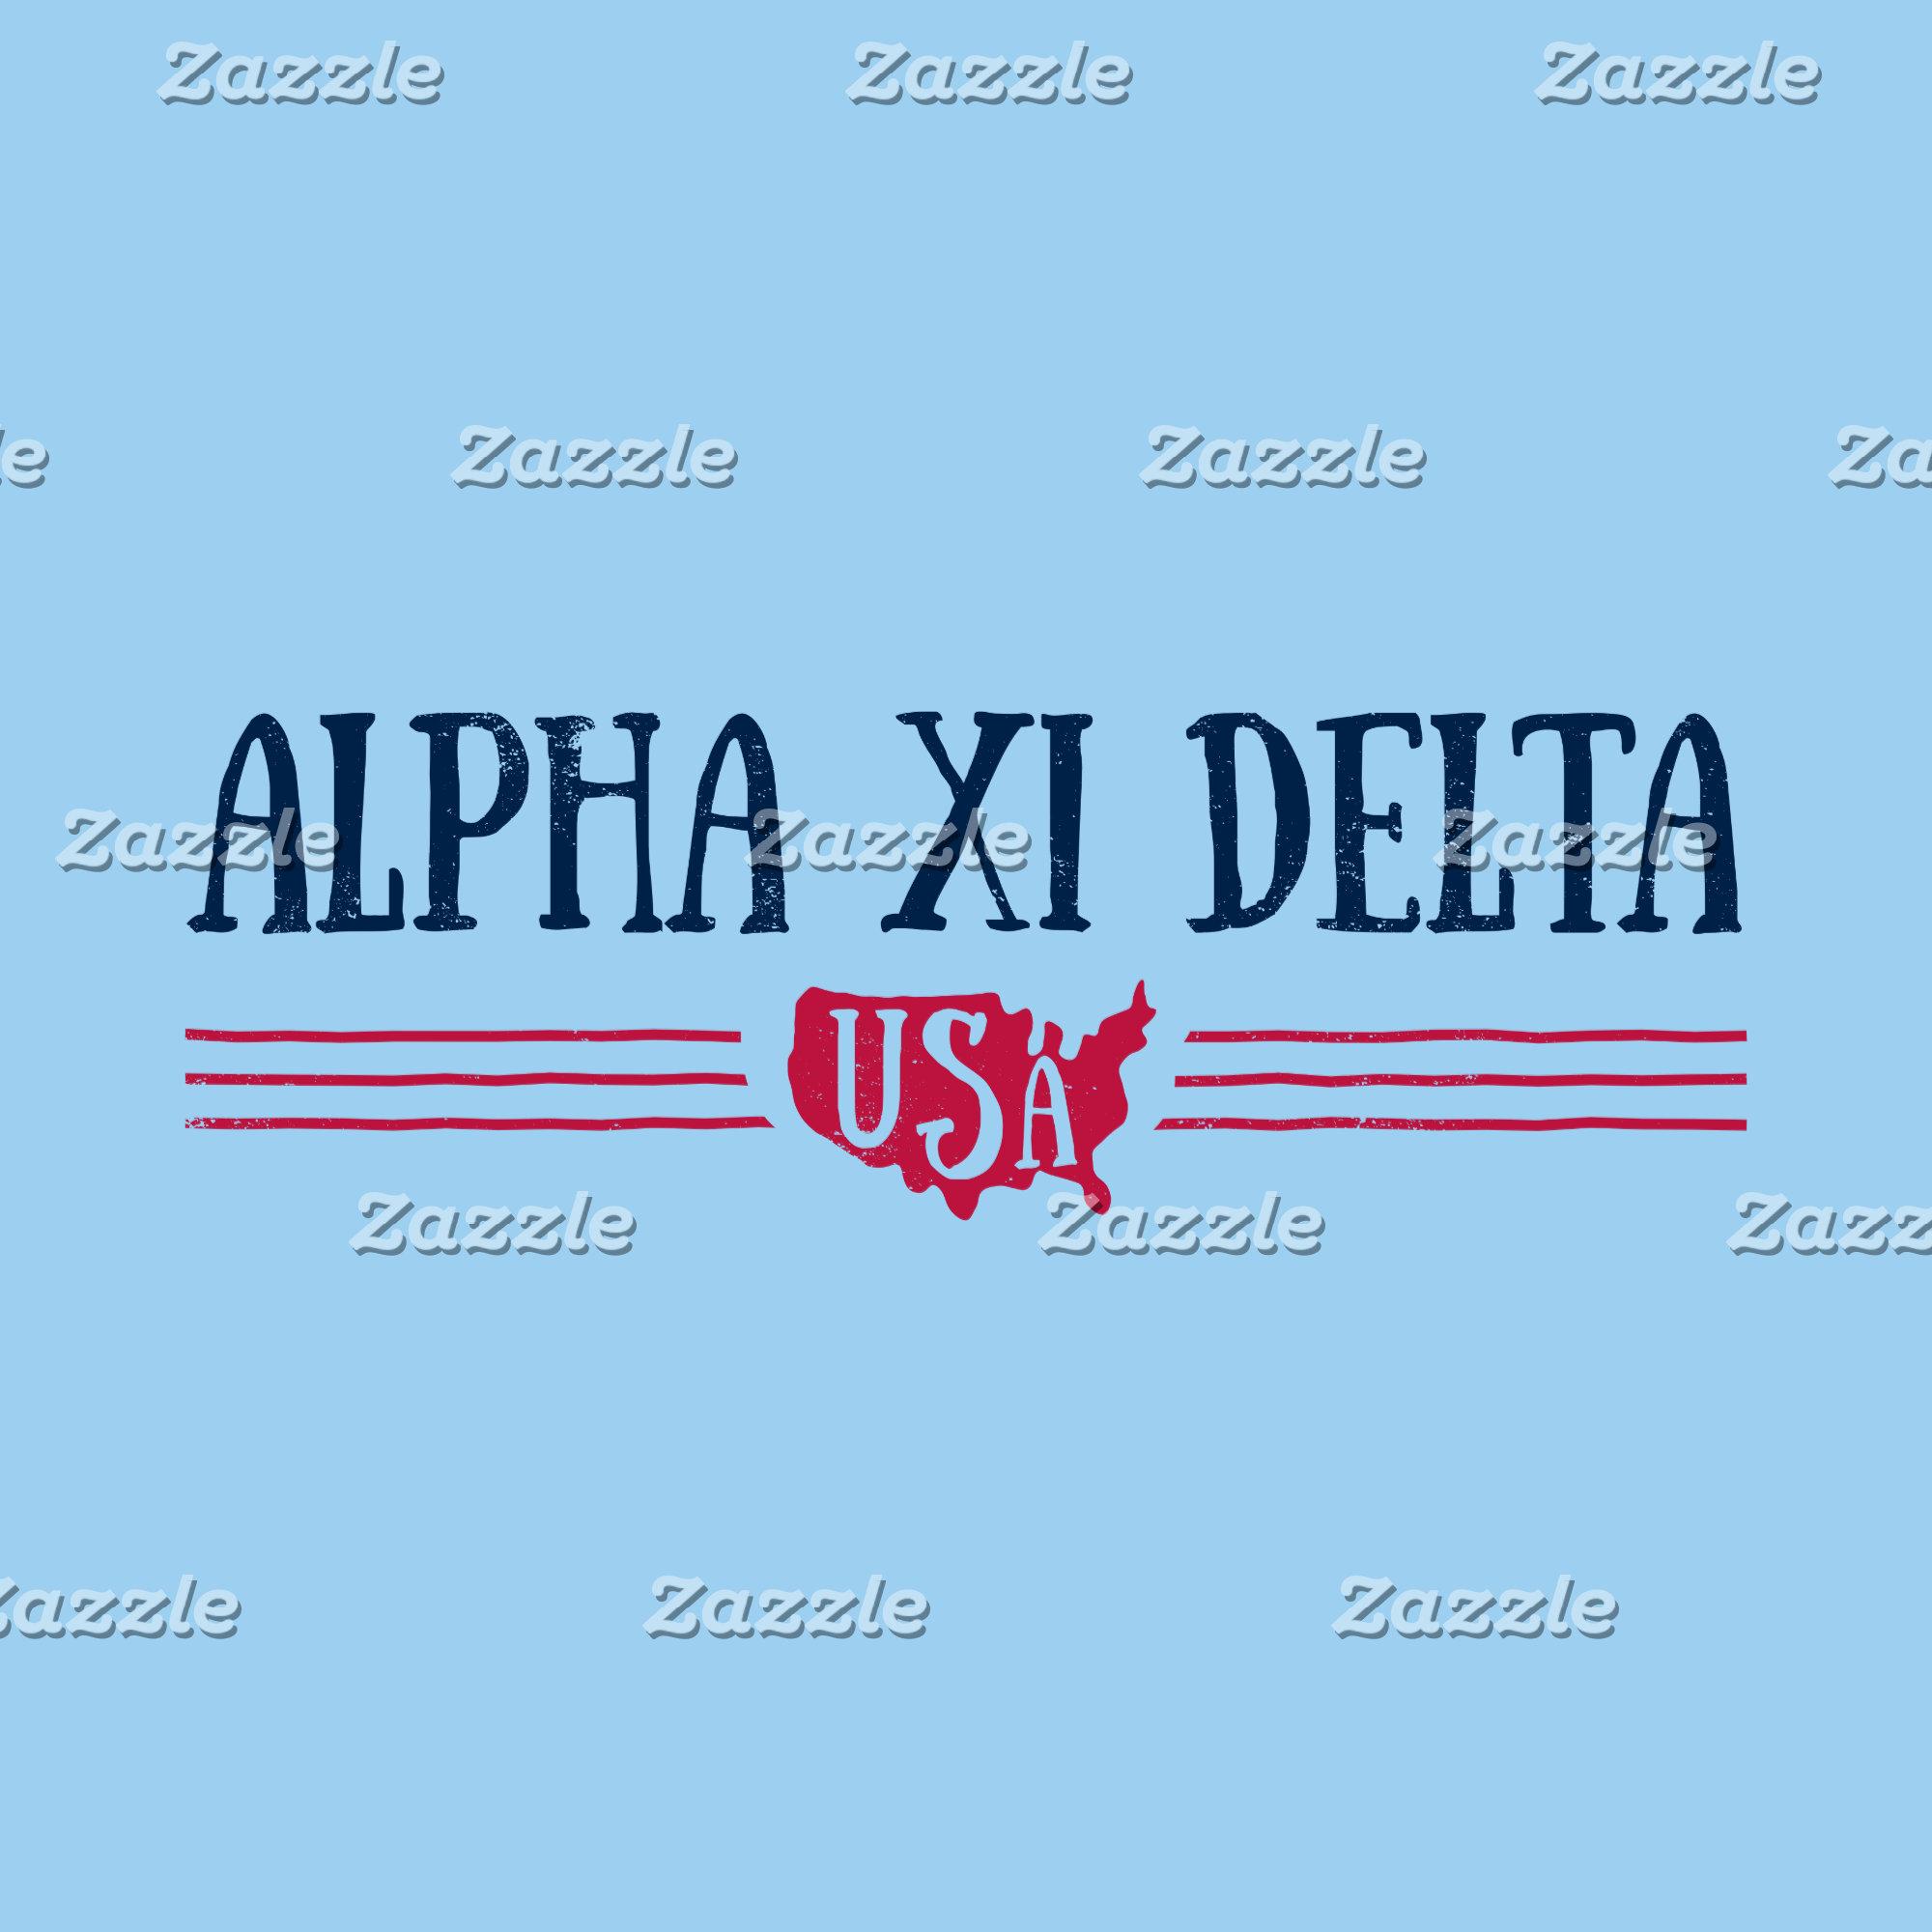 Alpha Xi Delta - USA